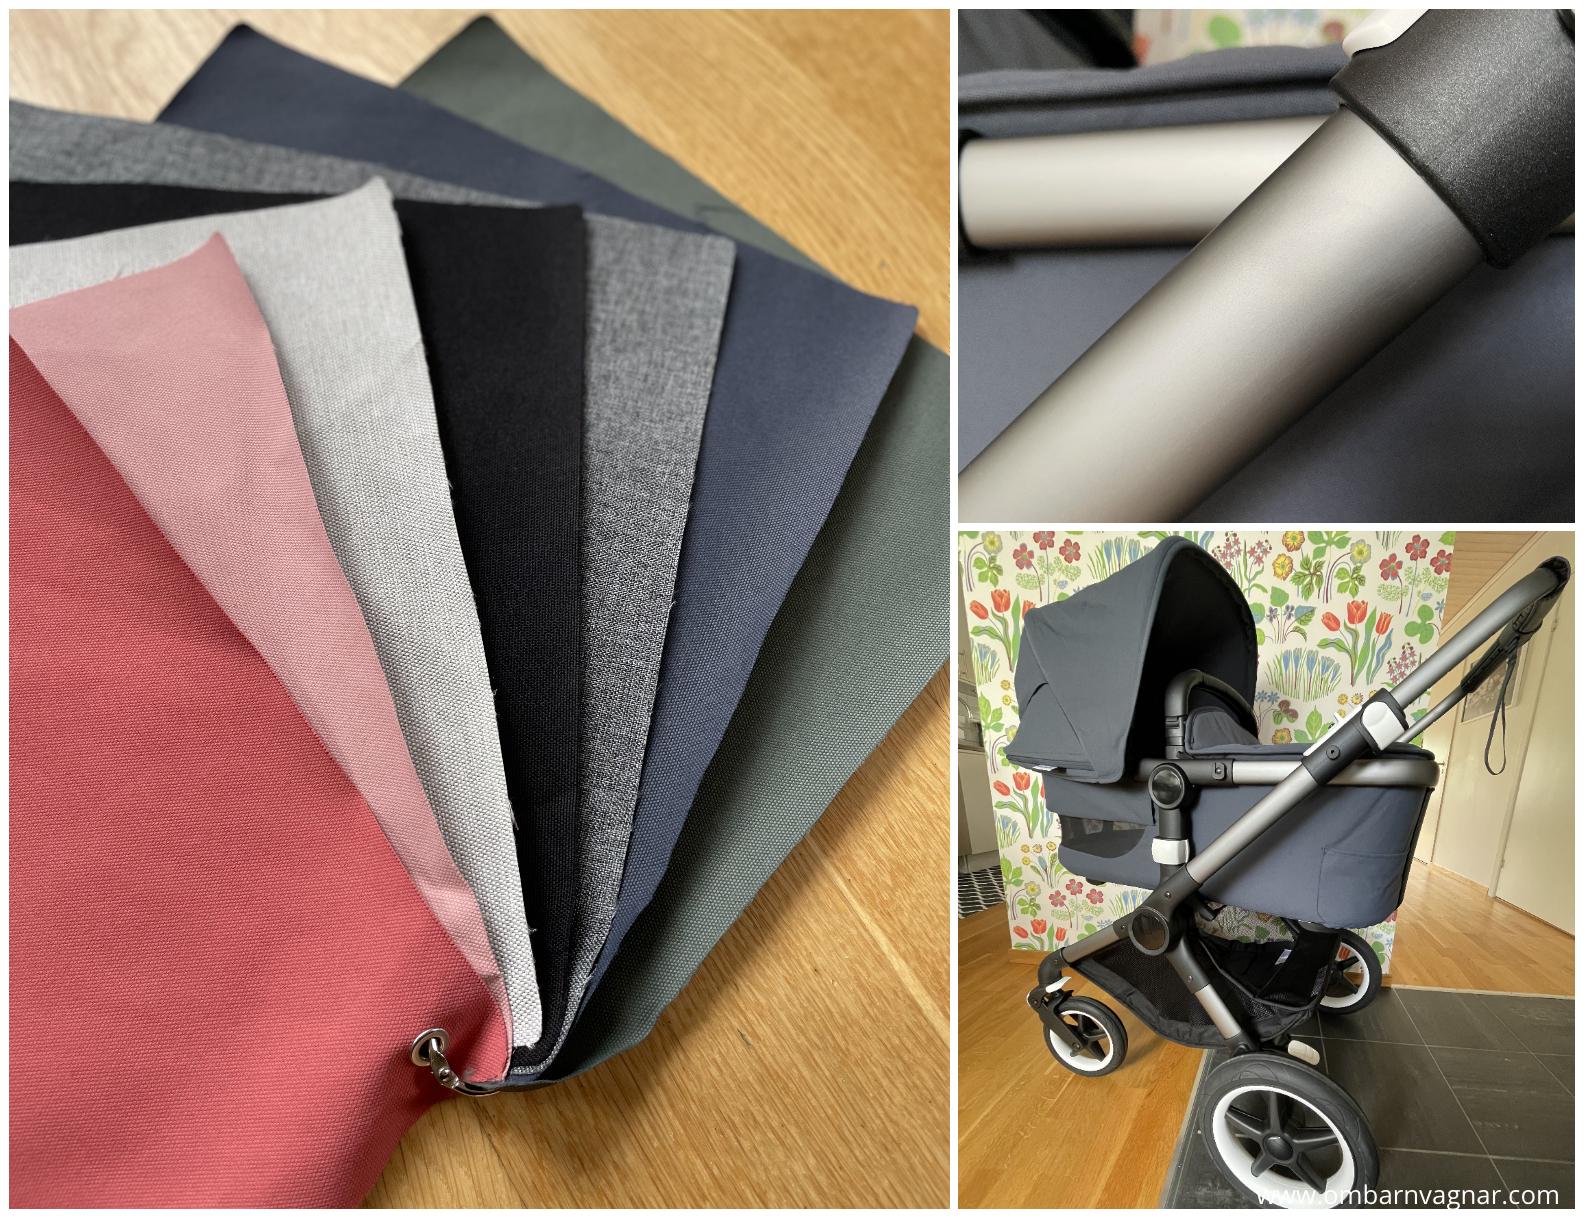 Nytt chassit i graftigrå graphite grey på Bugaboo Fox 3, samt nya färger på klädsel och sufflett